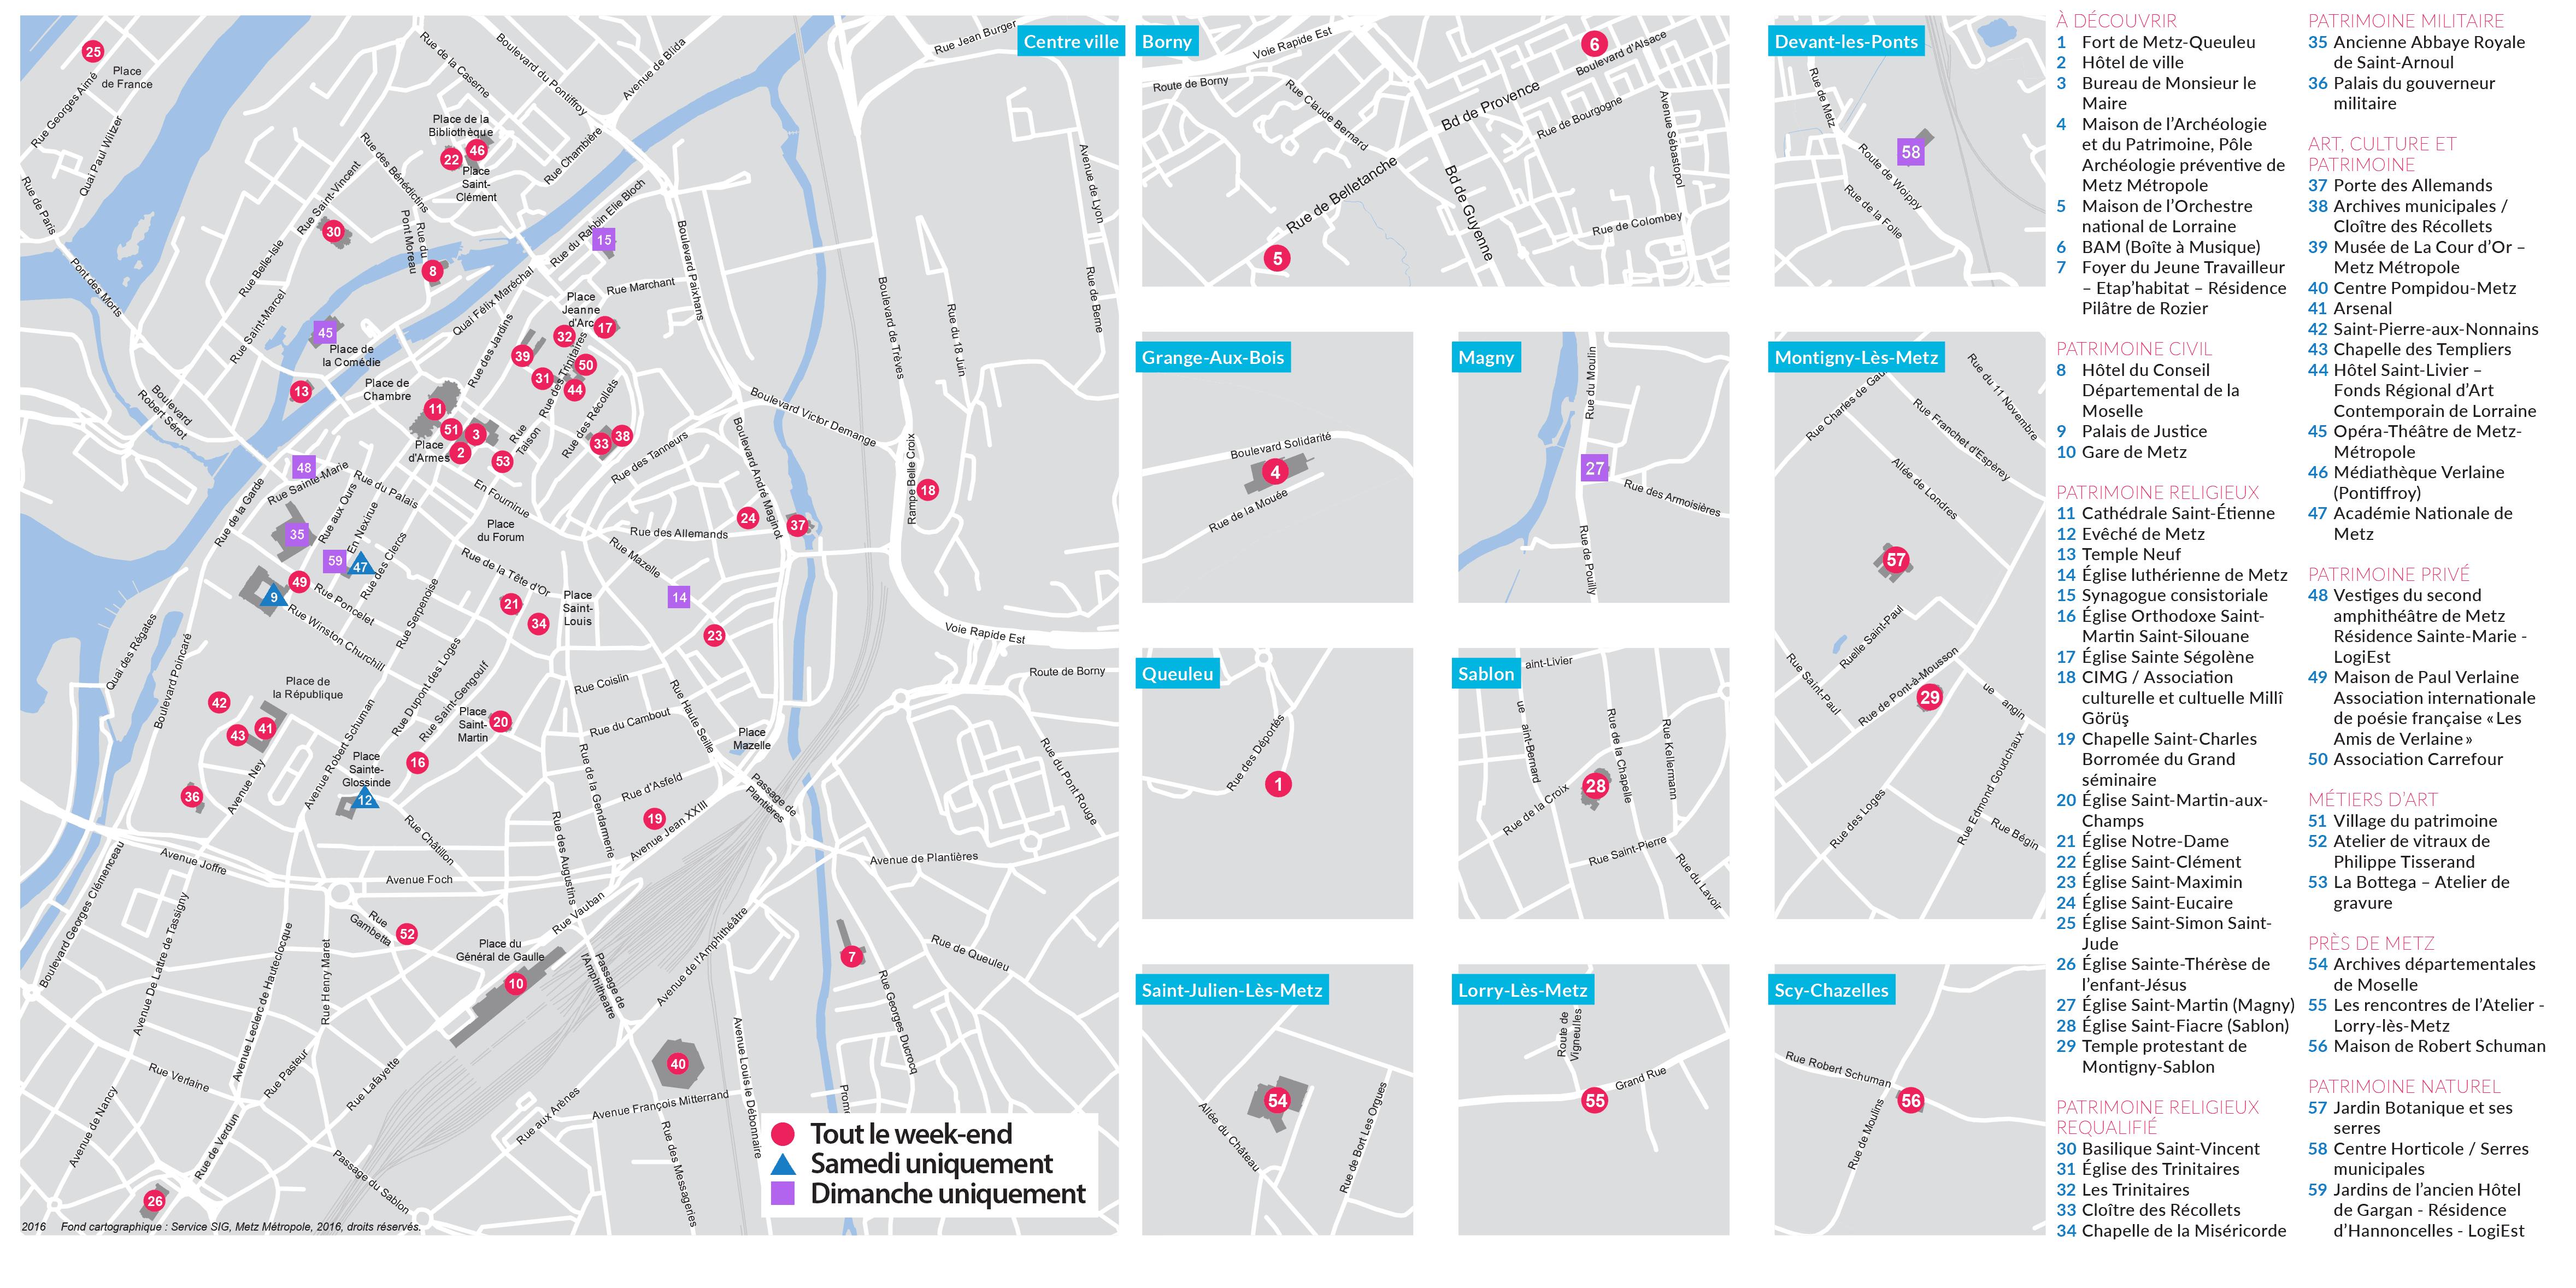 Plan des JEP 2016 - A4